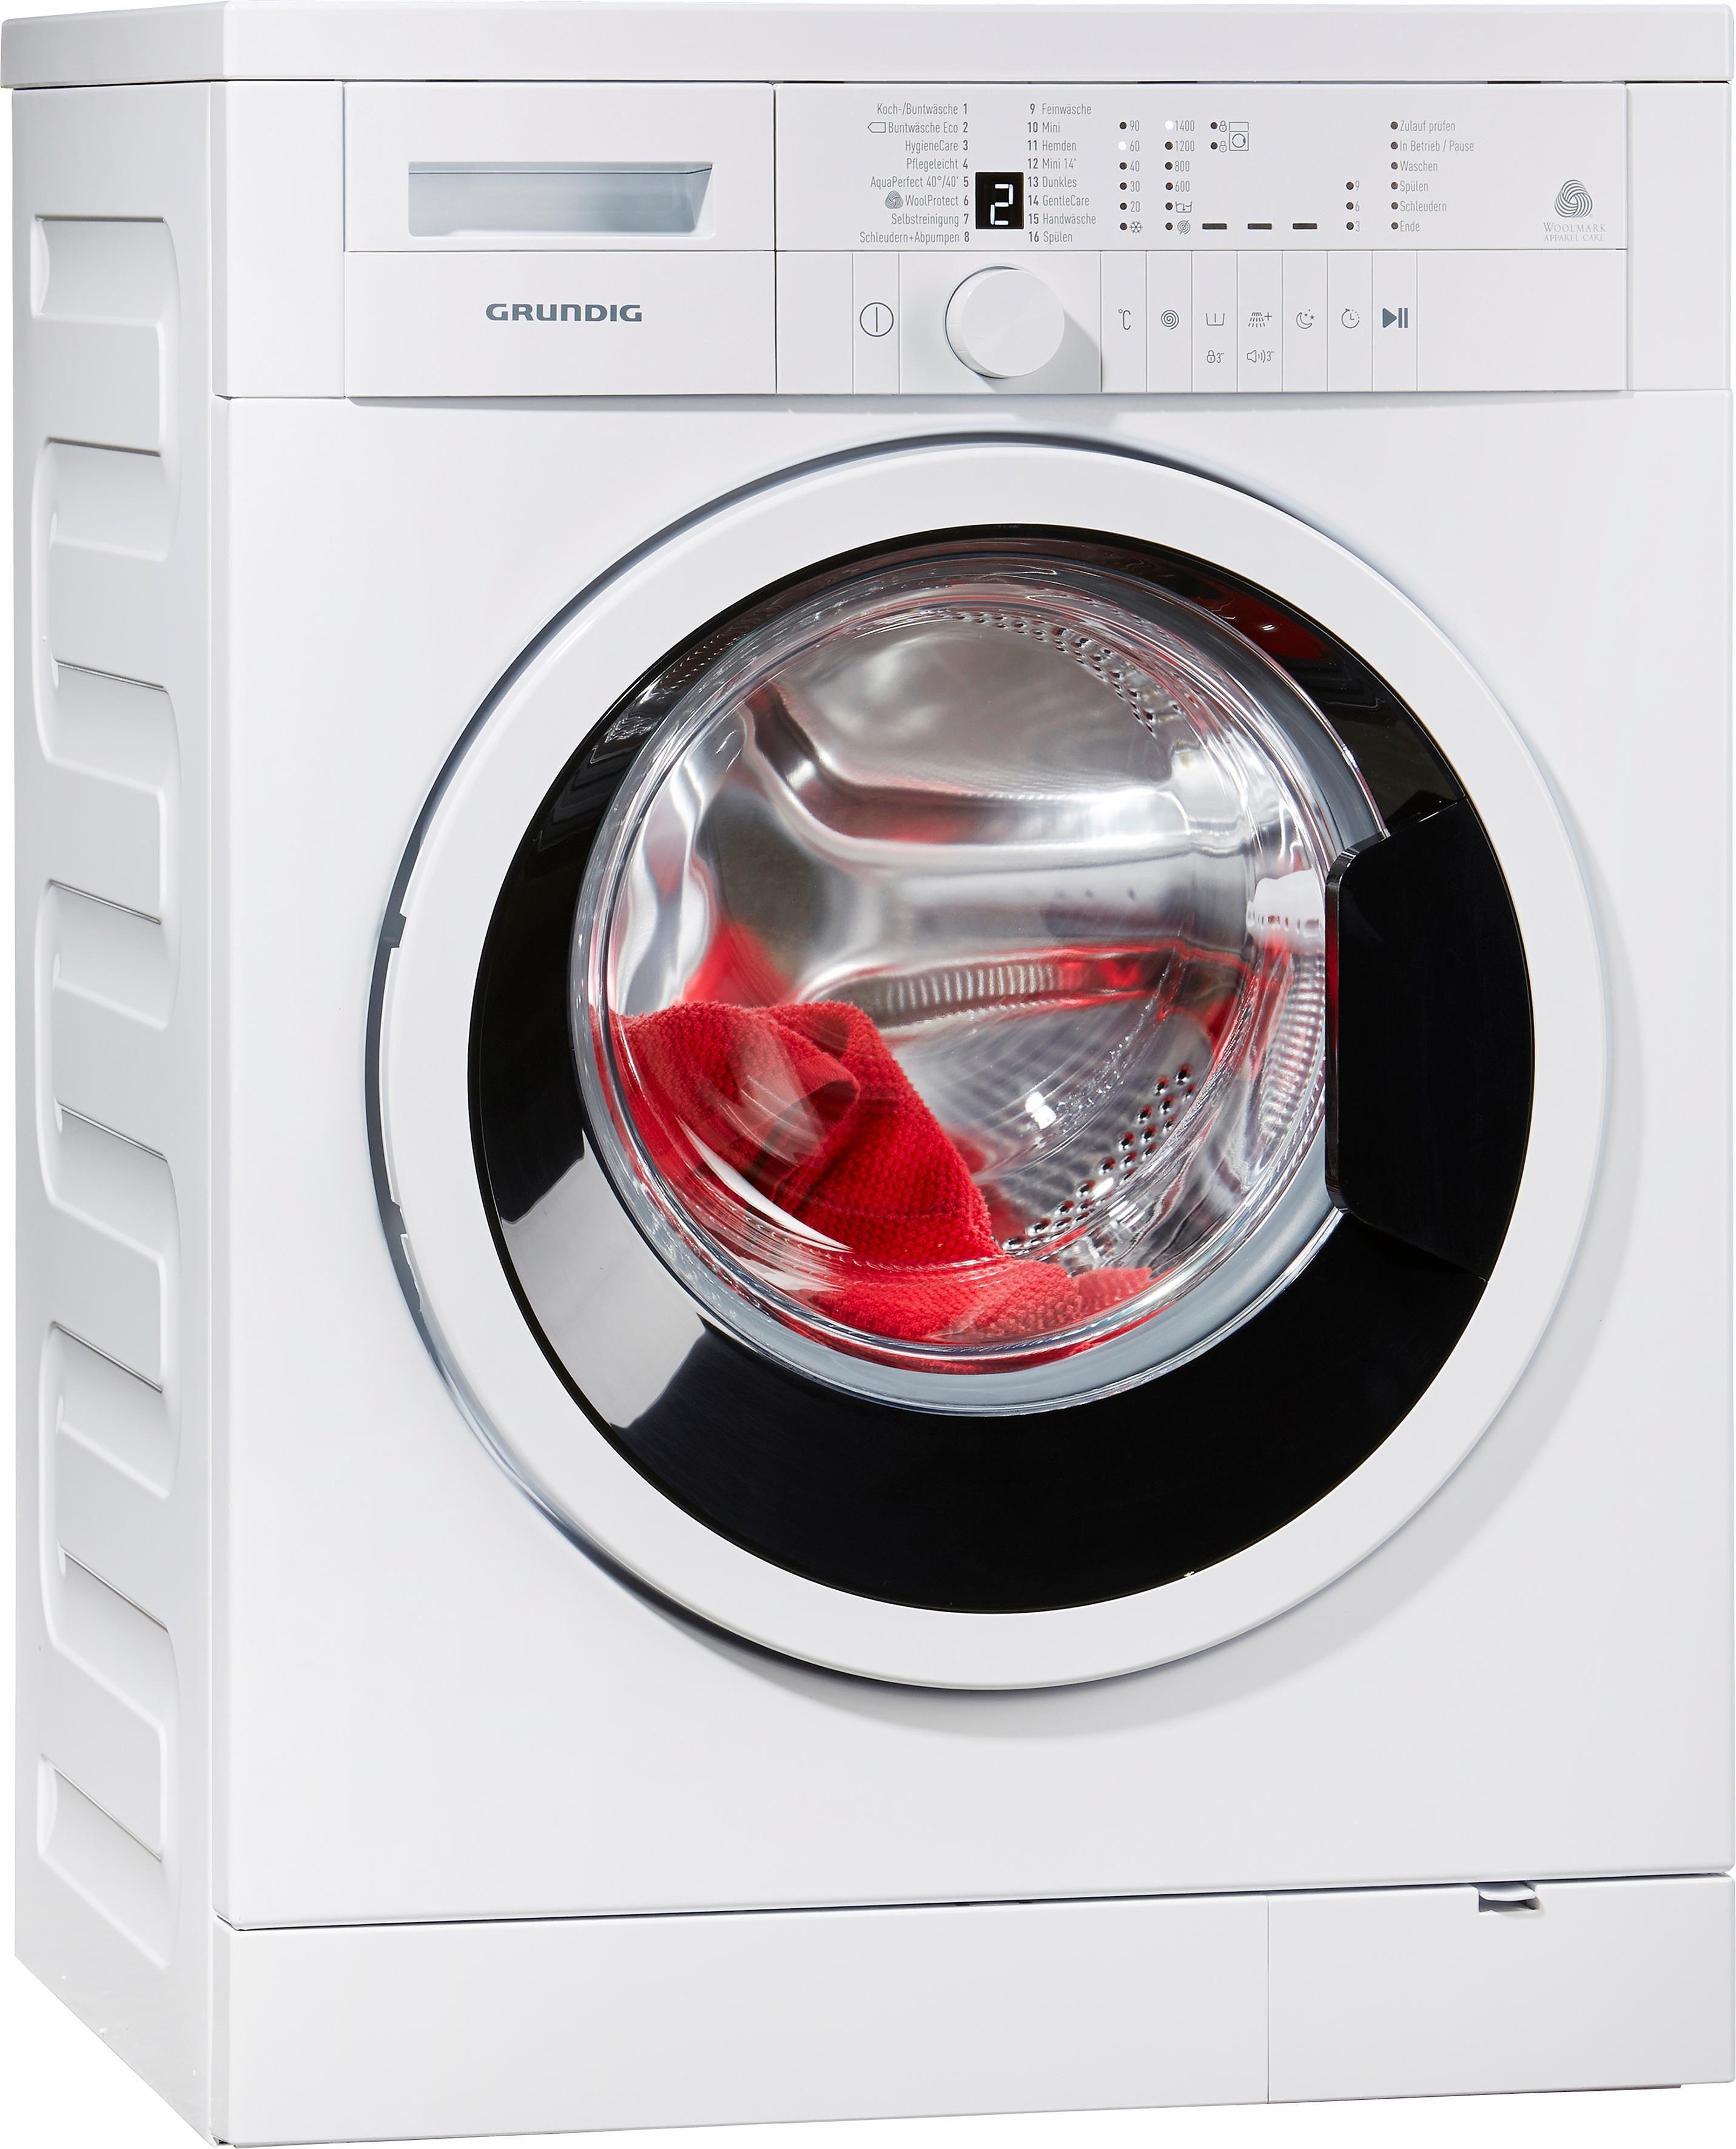 Grundig Waschmaschine GWN 26430, A+++, 6 kg, 1400 U/Min